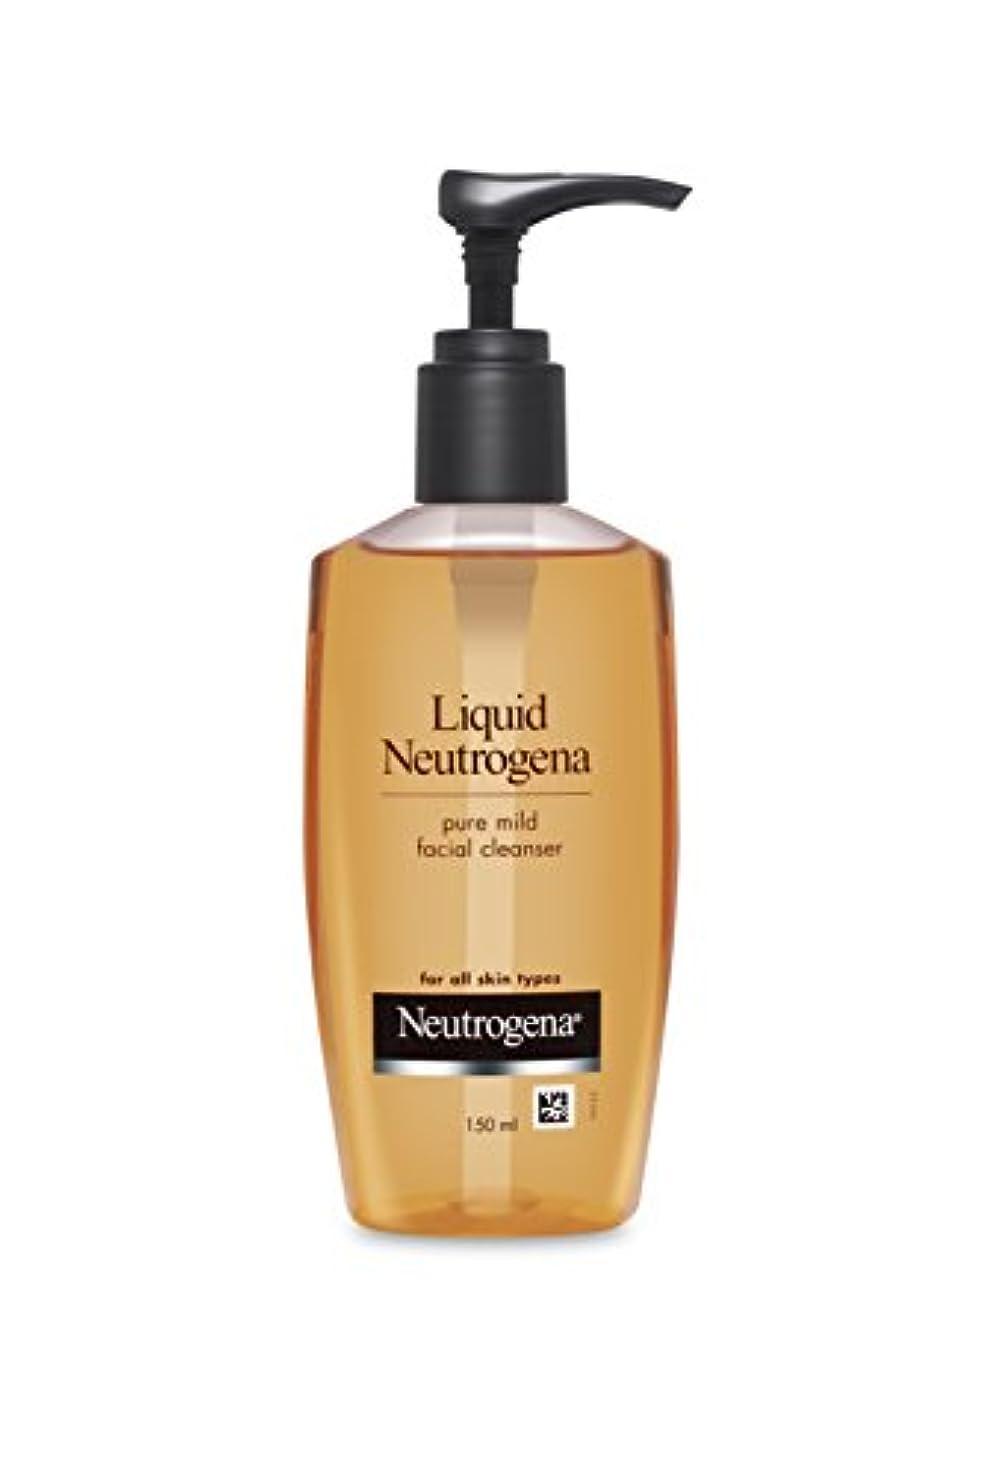 カヌー泥Liquid Neutrogena (Mild Facial Cleanser), 150ml